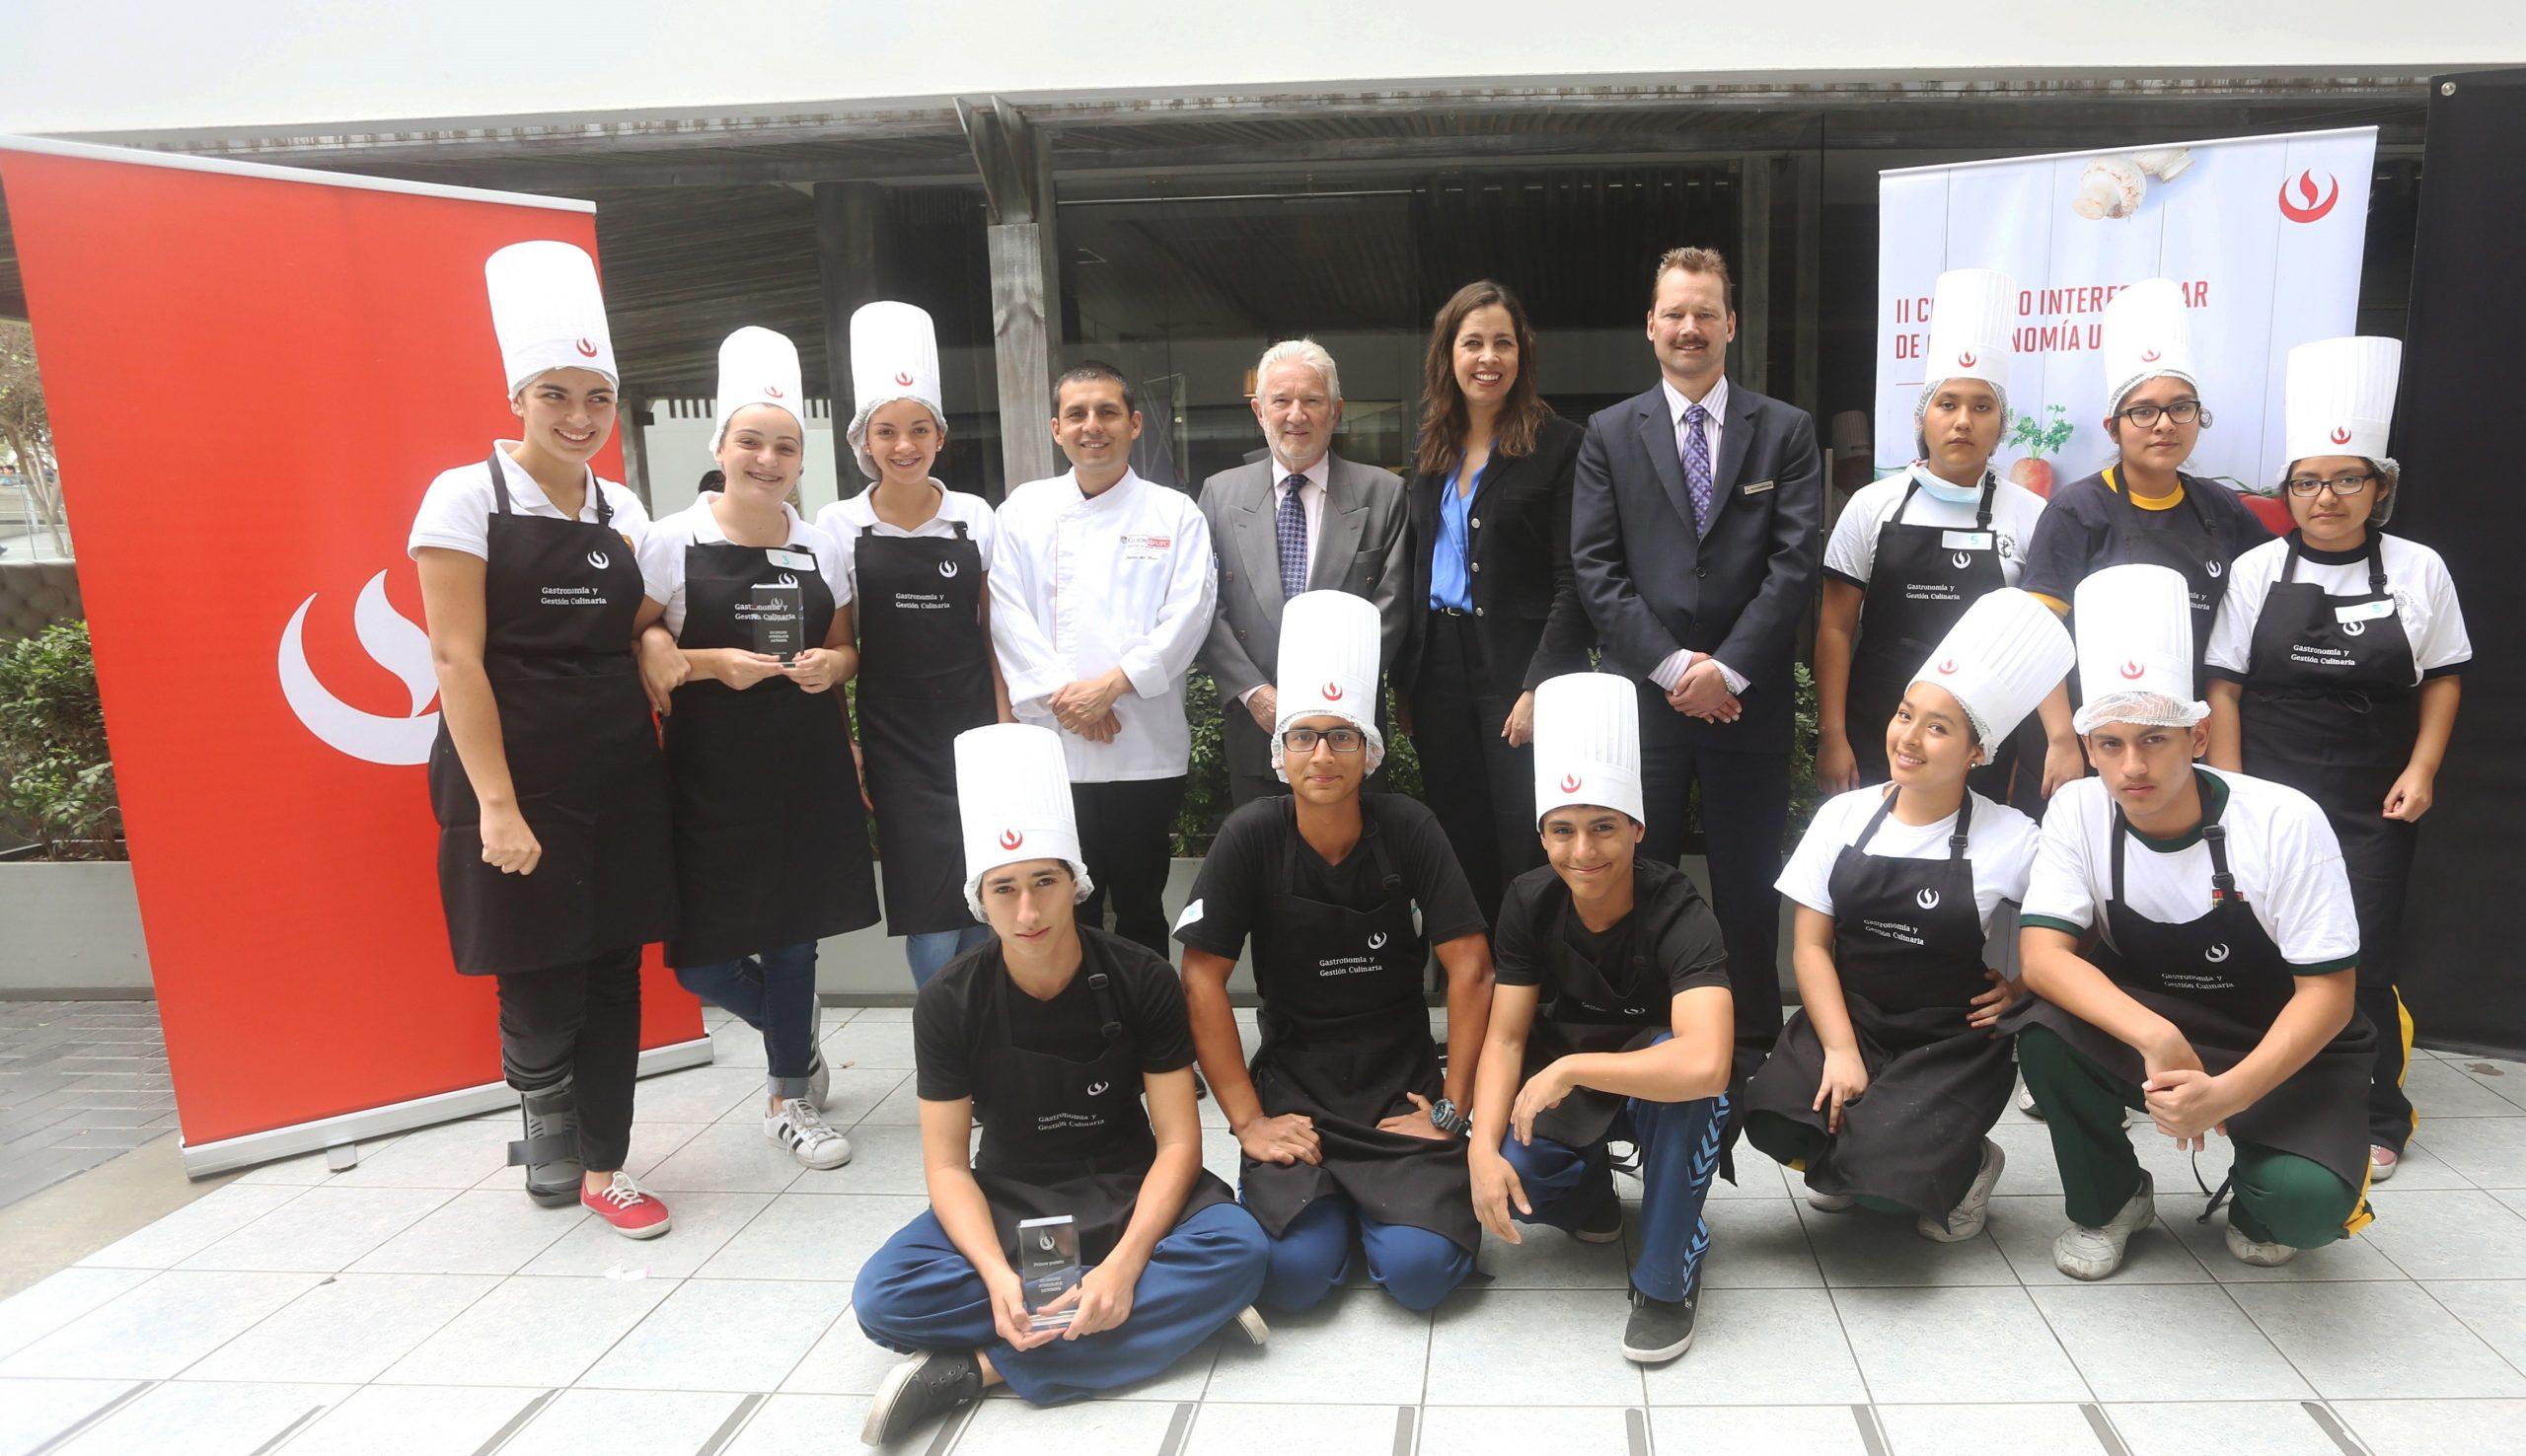 Carrera de Gastronomía y Gestión Culinaria UPC organizó el II Concurso Interescolar de Gastronomía a nivel nacional